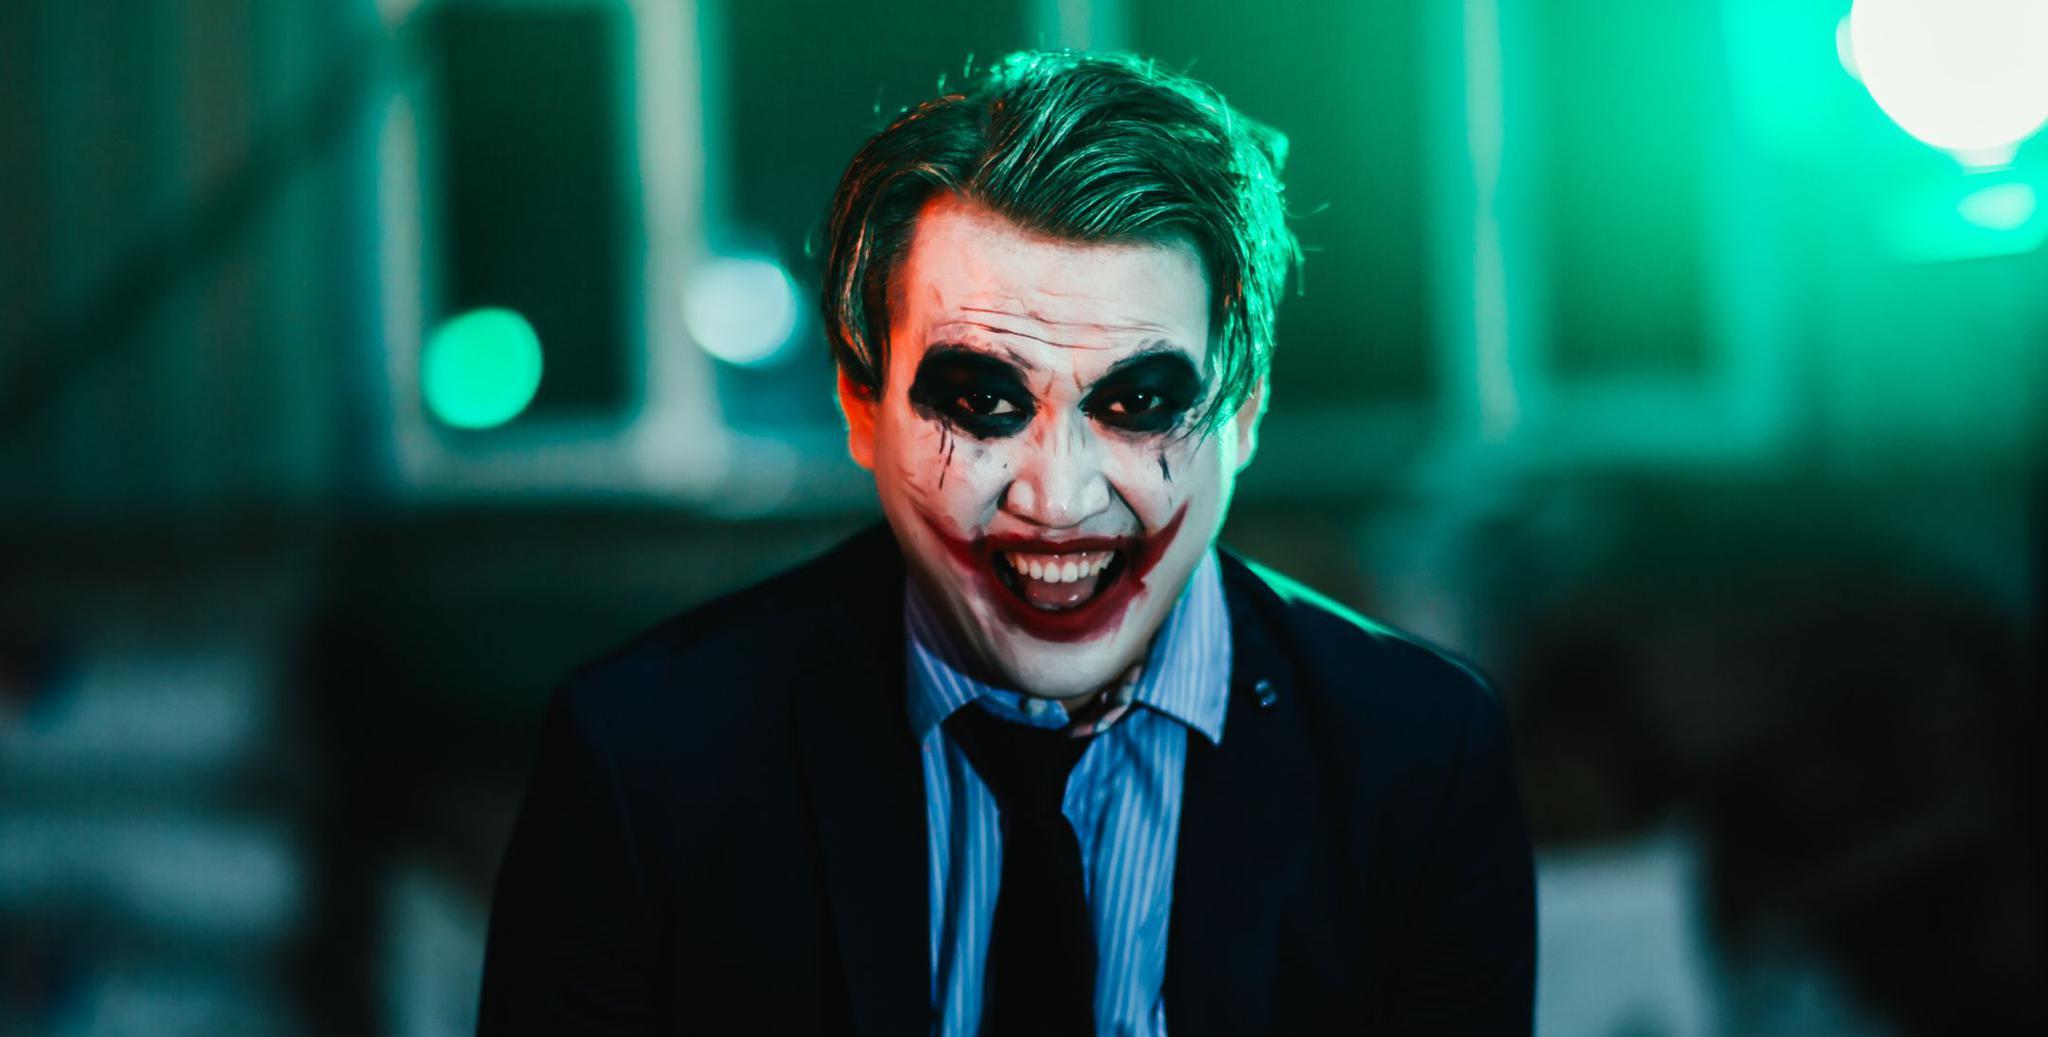 Joker& Harley Quinn